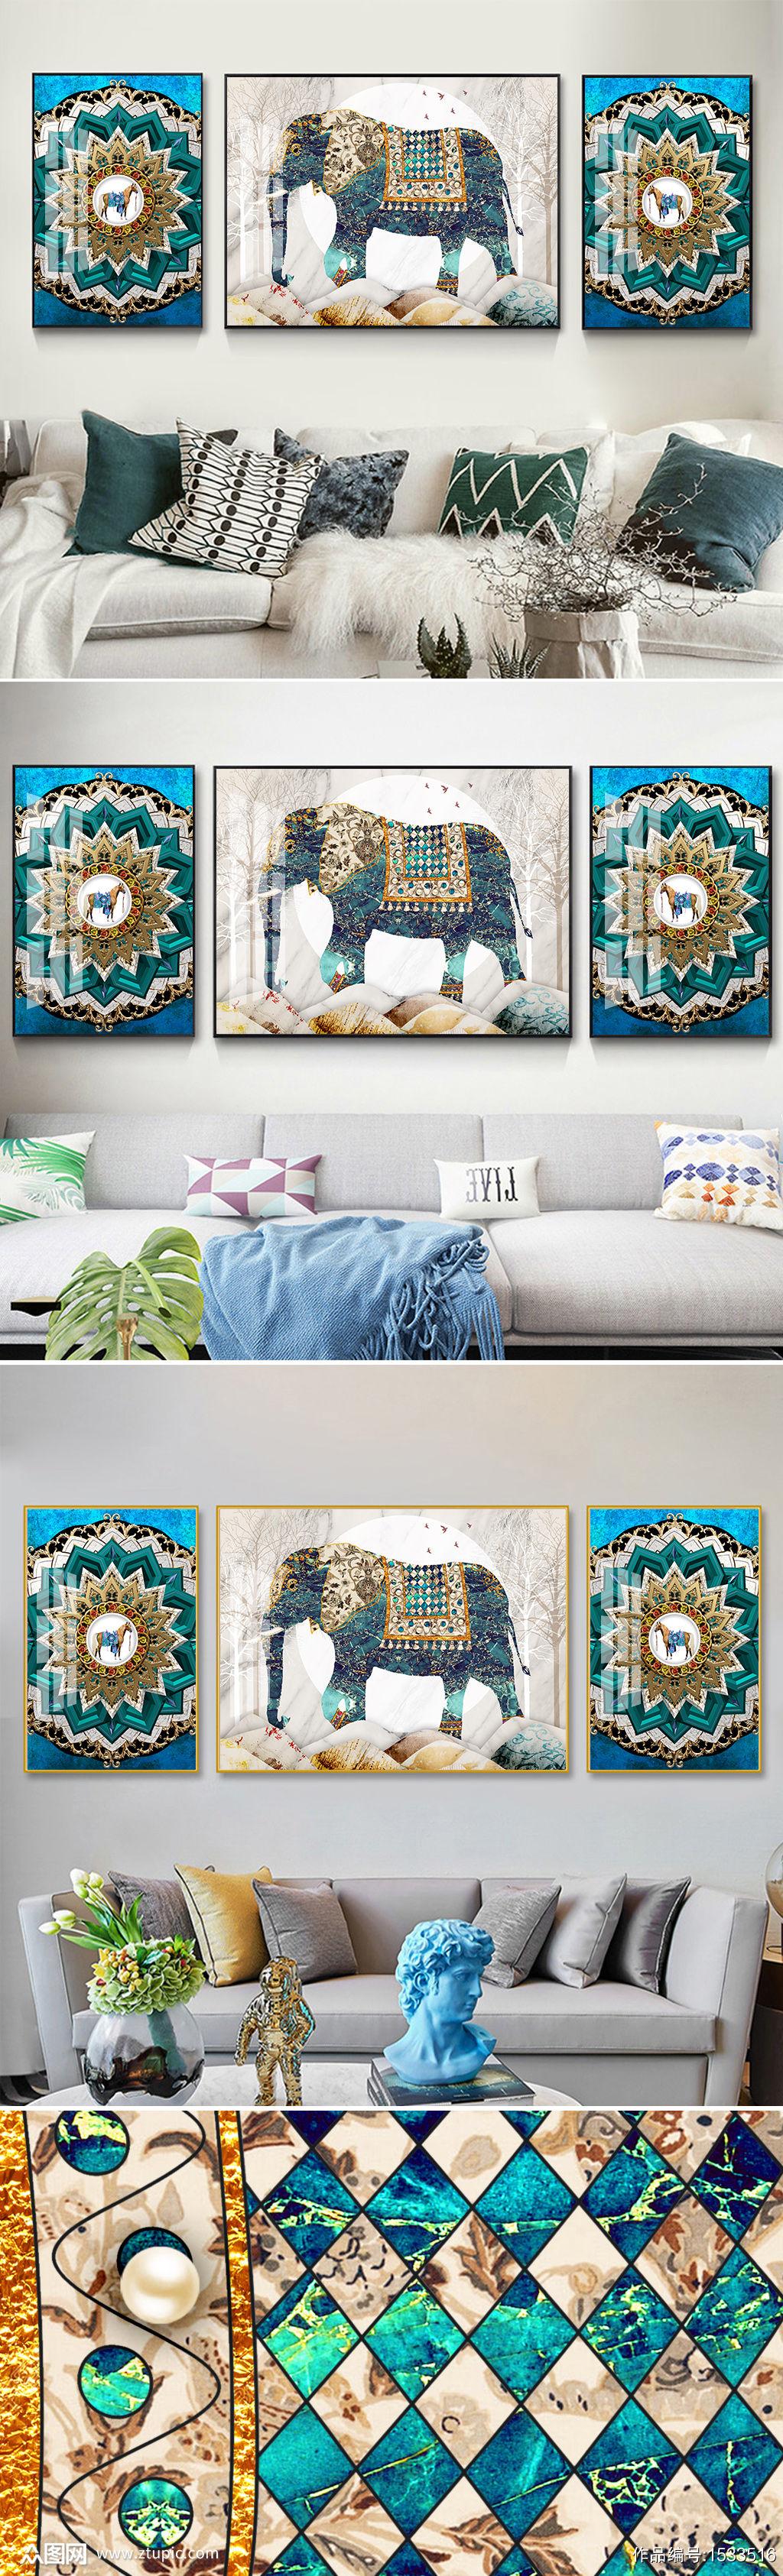 现代轻奢珐琅彩大象古典骏马几何装饰画素材